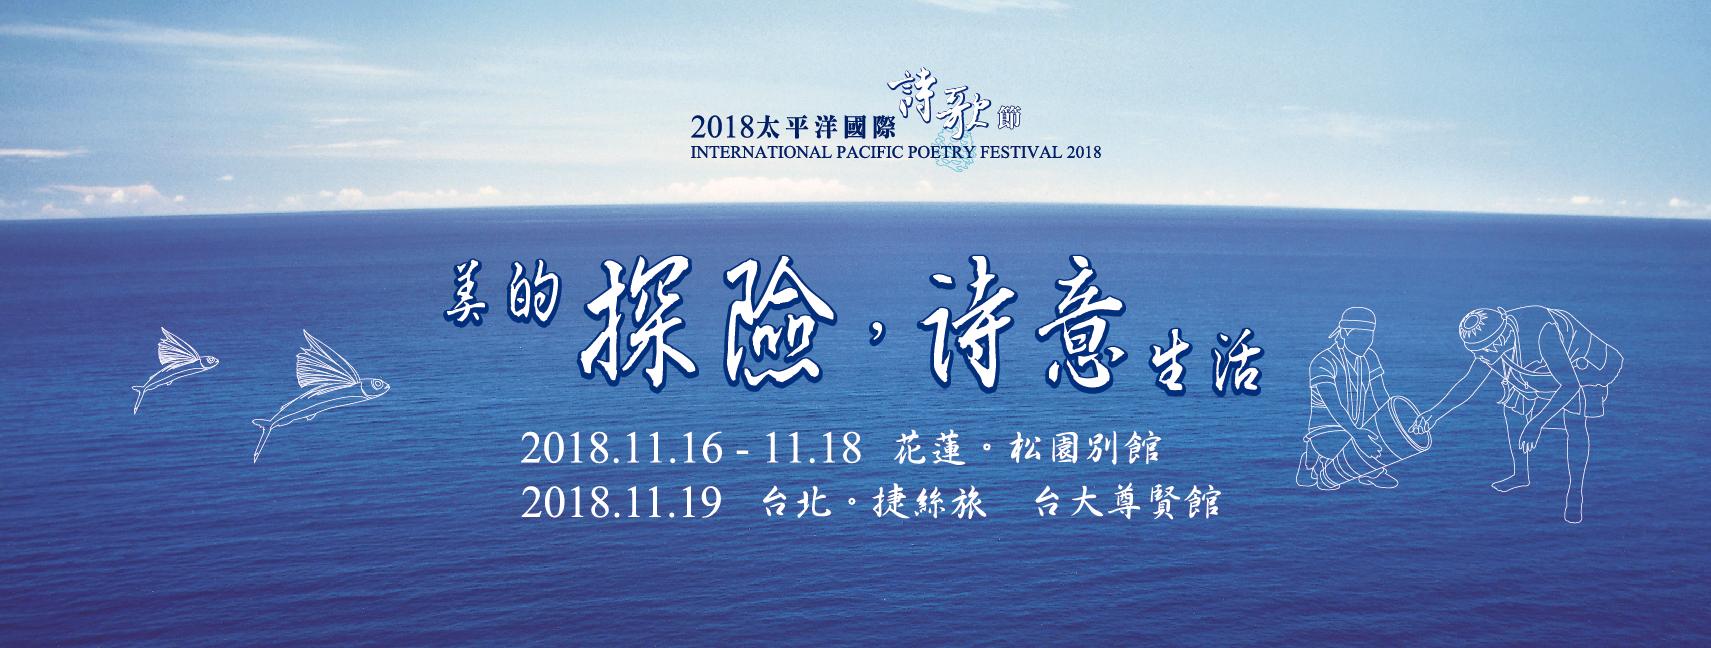 poetryfestival 首圖